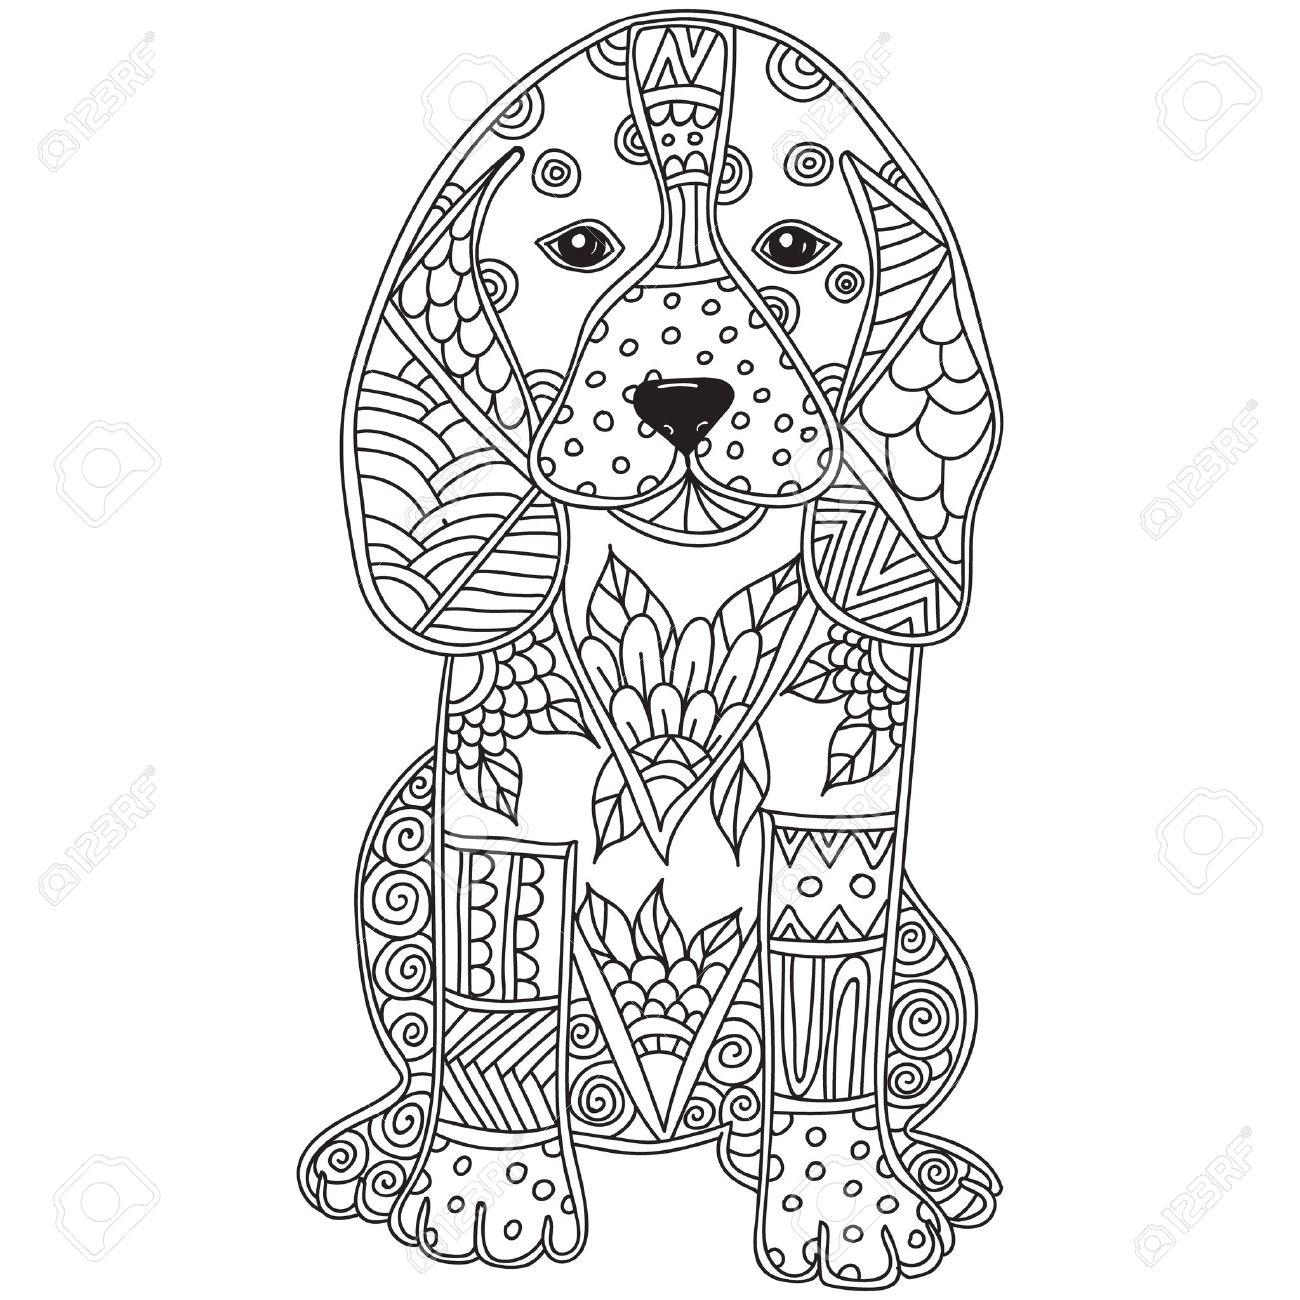 Coloriage Chien Adulte Anti Stress Ou Enfants Doodle Animal Dessiné